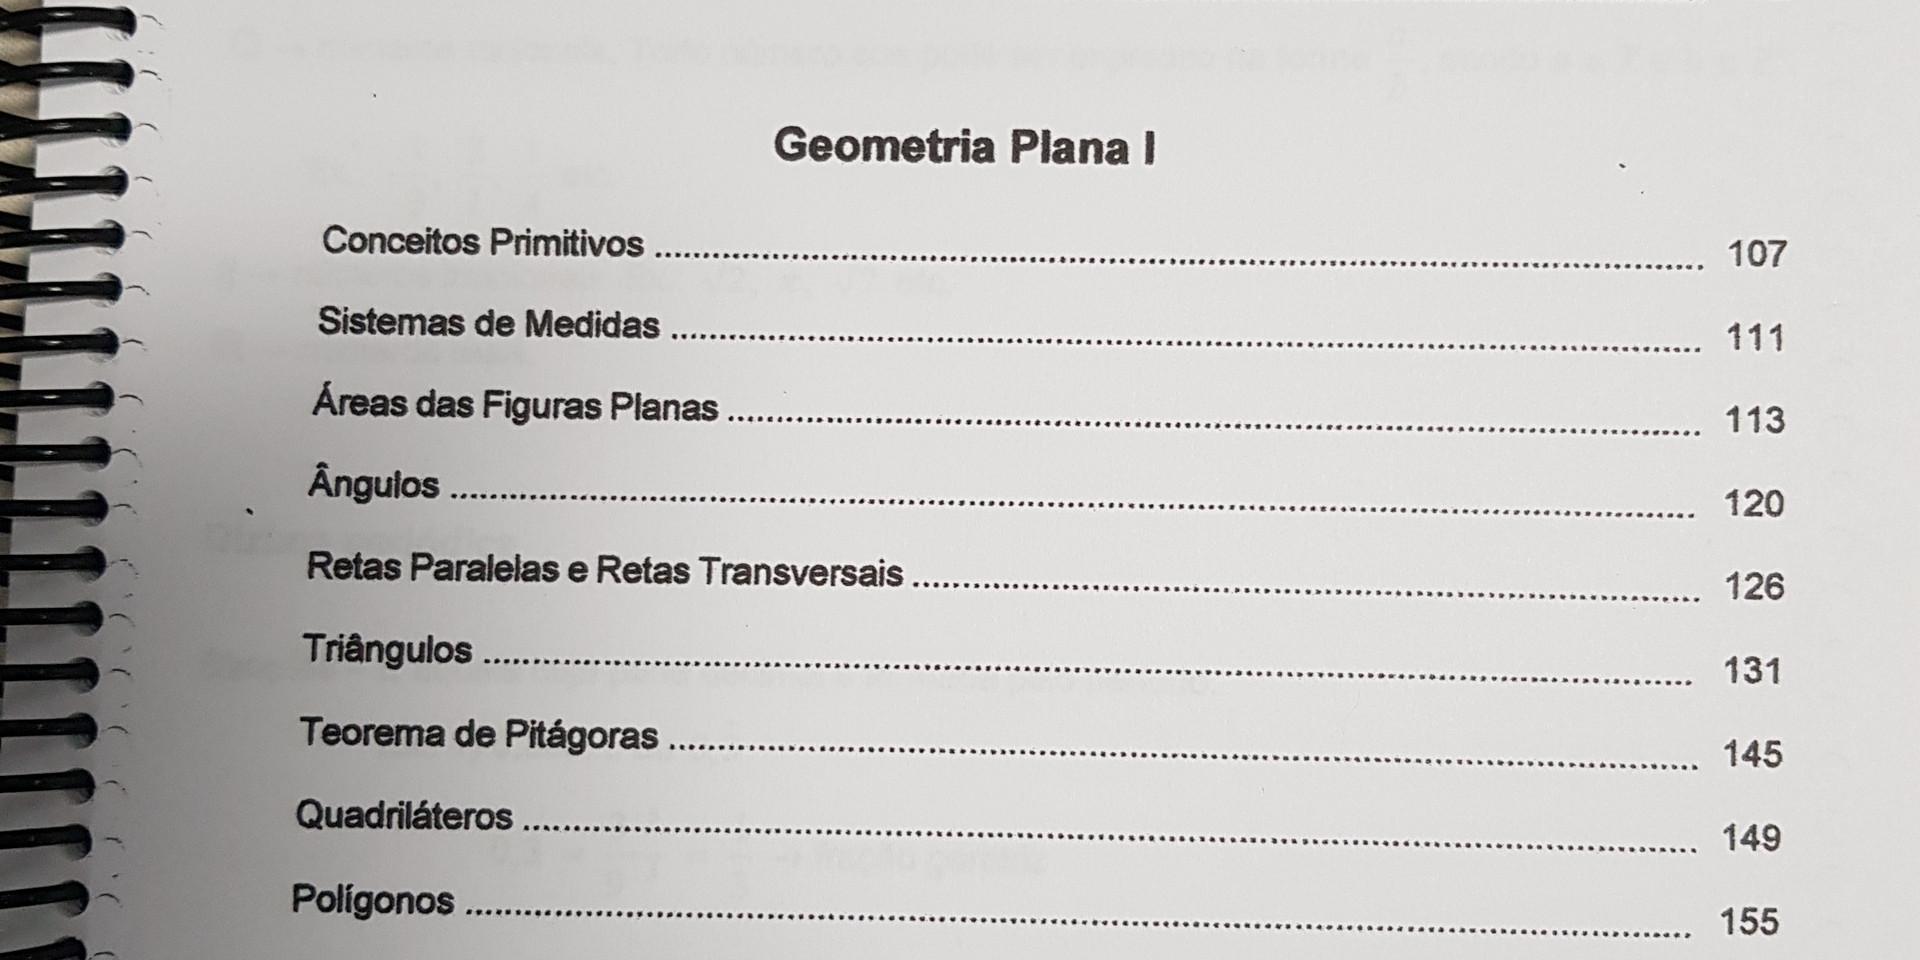 ÁLGEBRA_GEOMETRIA_MATEMÁTICA_vestibulinh